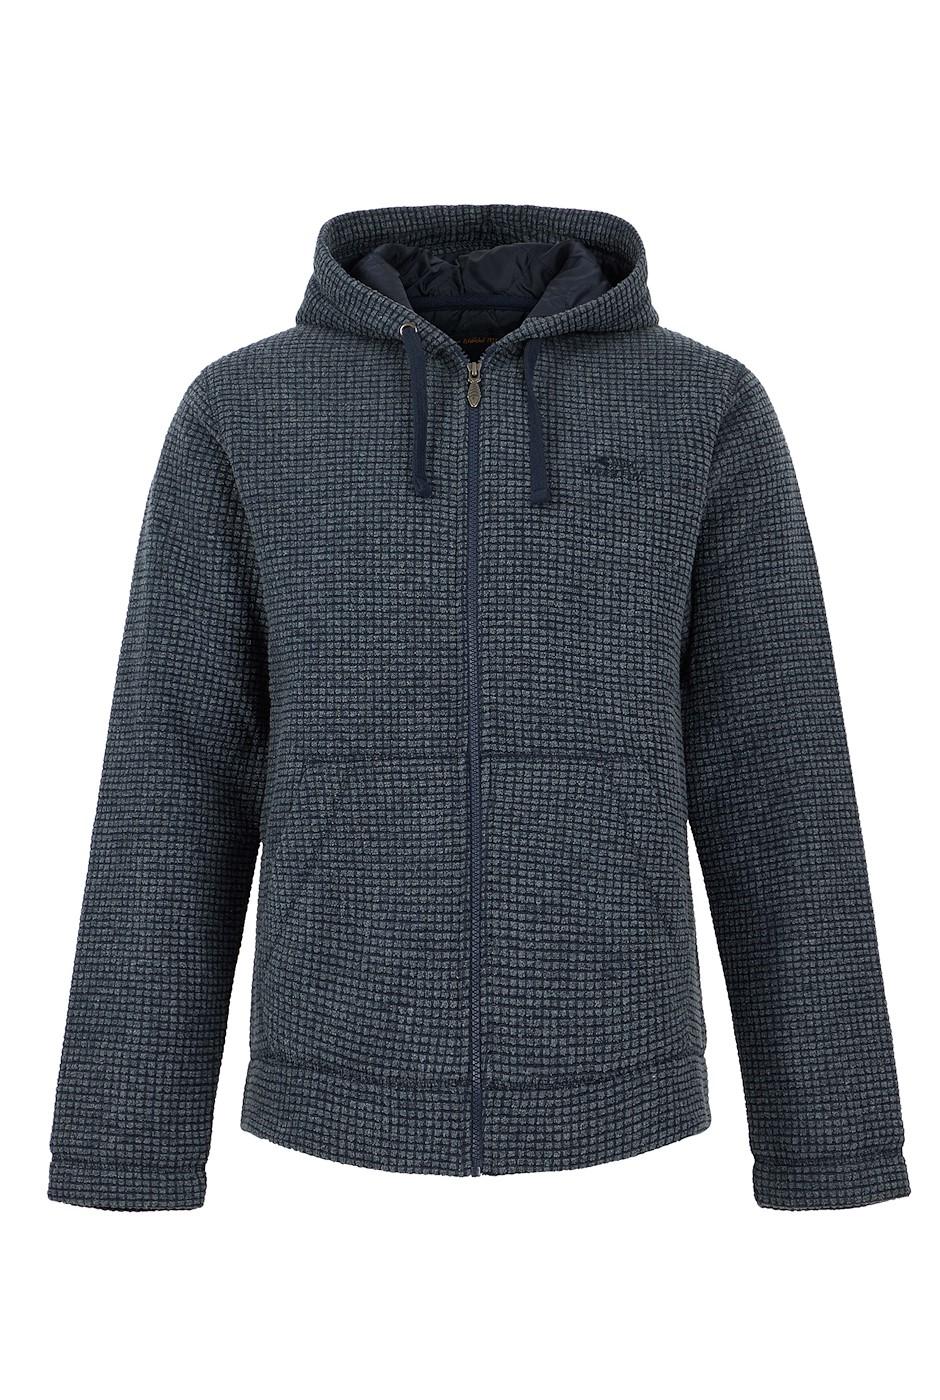 Wilton Full Zip Lined Grid Fleece Hoodie Navy